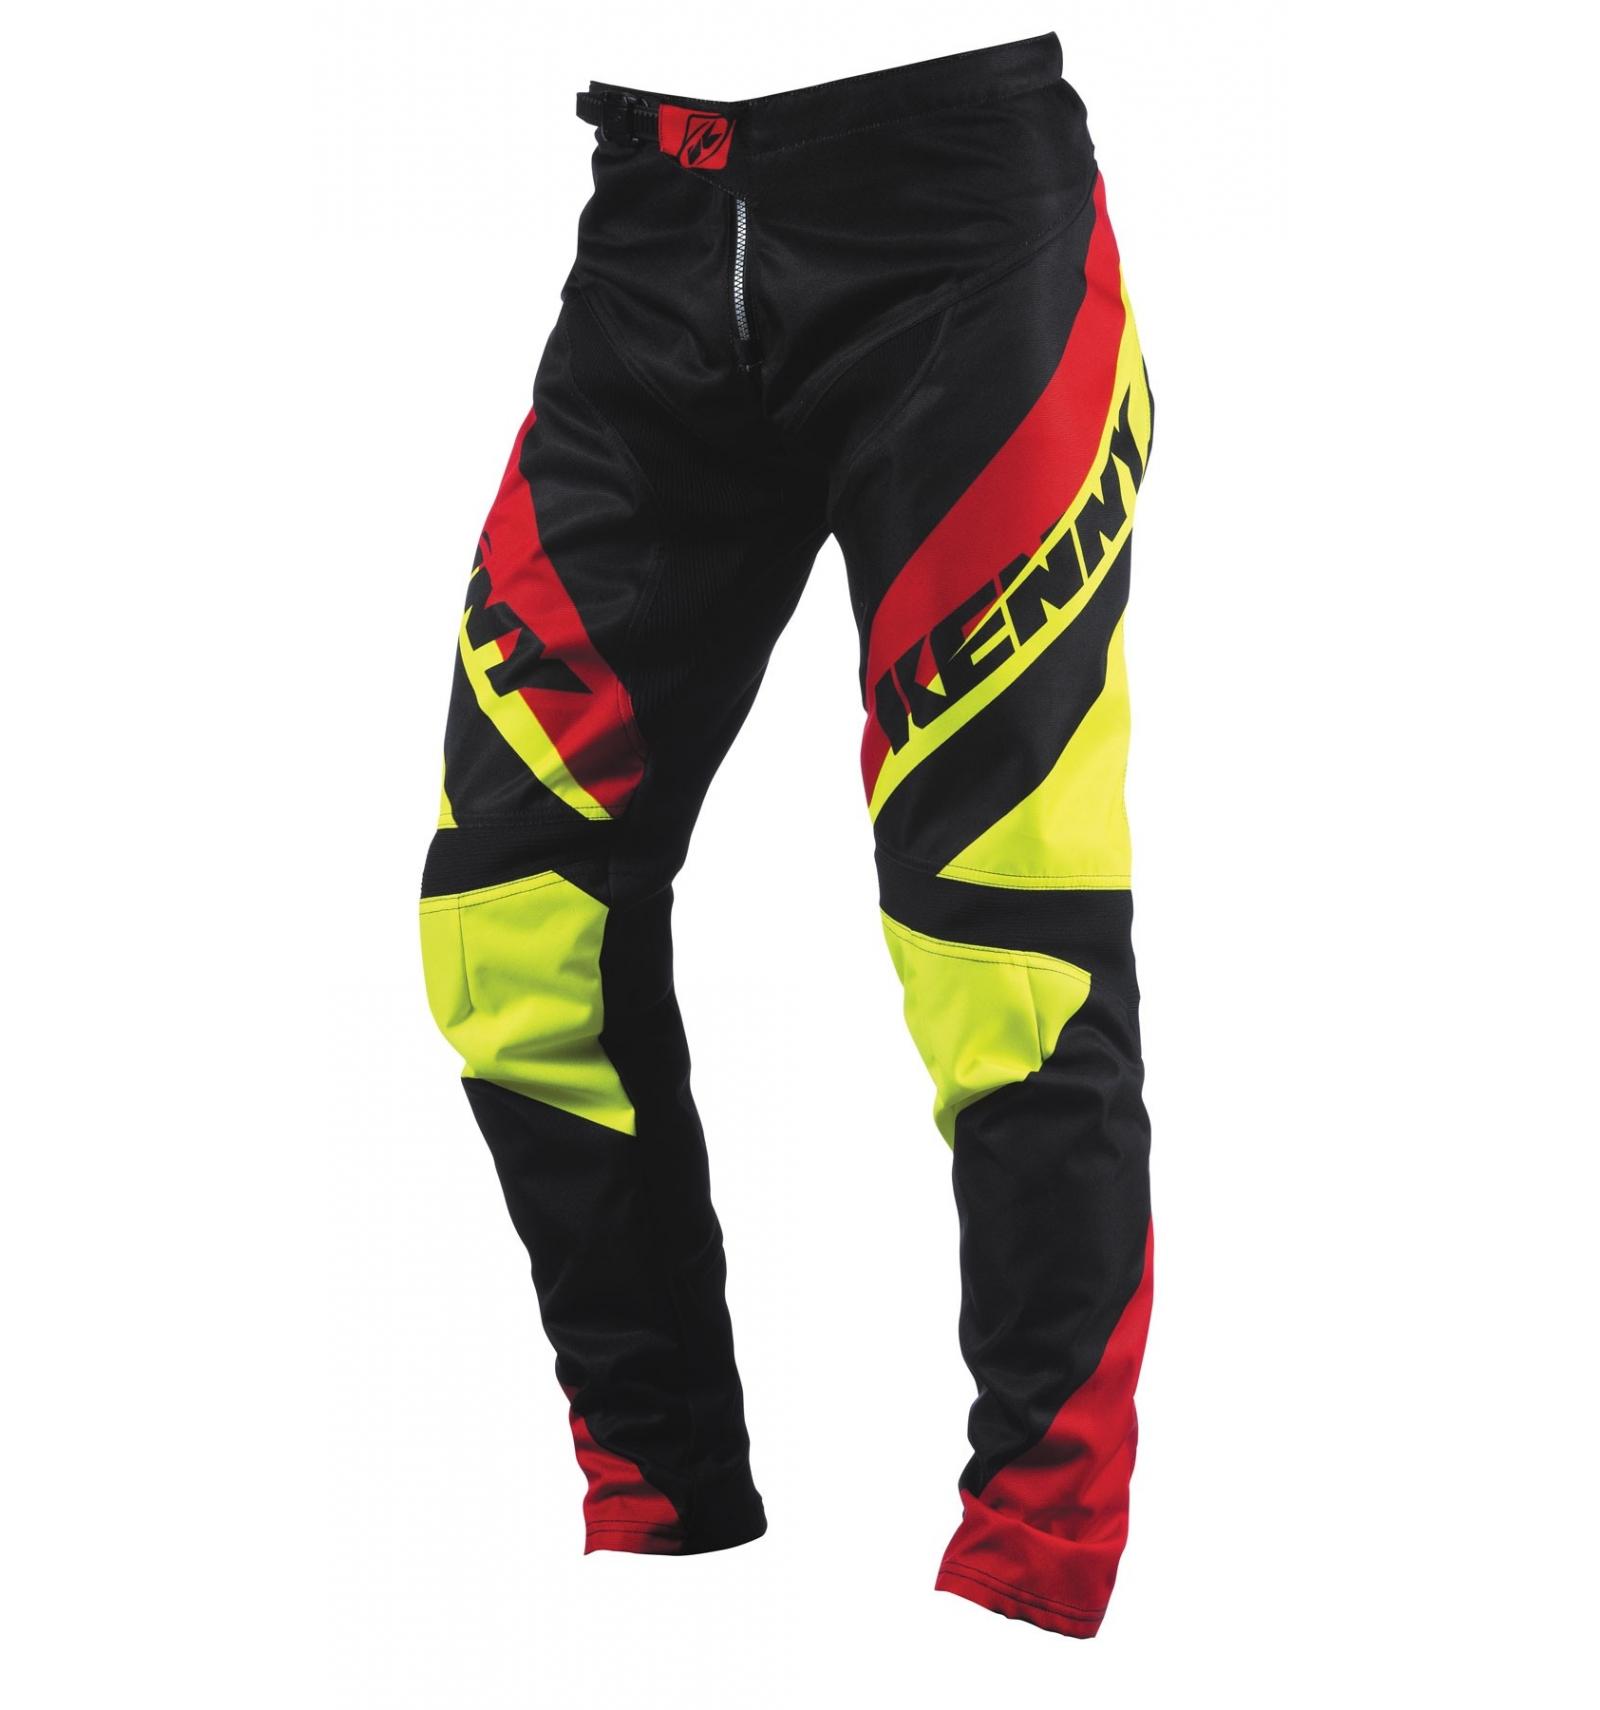 Pantalon kenny bmx 2015 jaune fluo / rouge